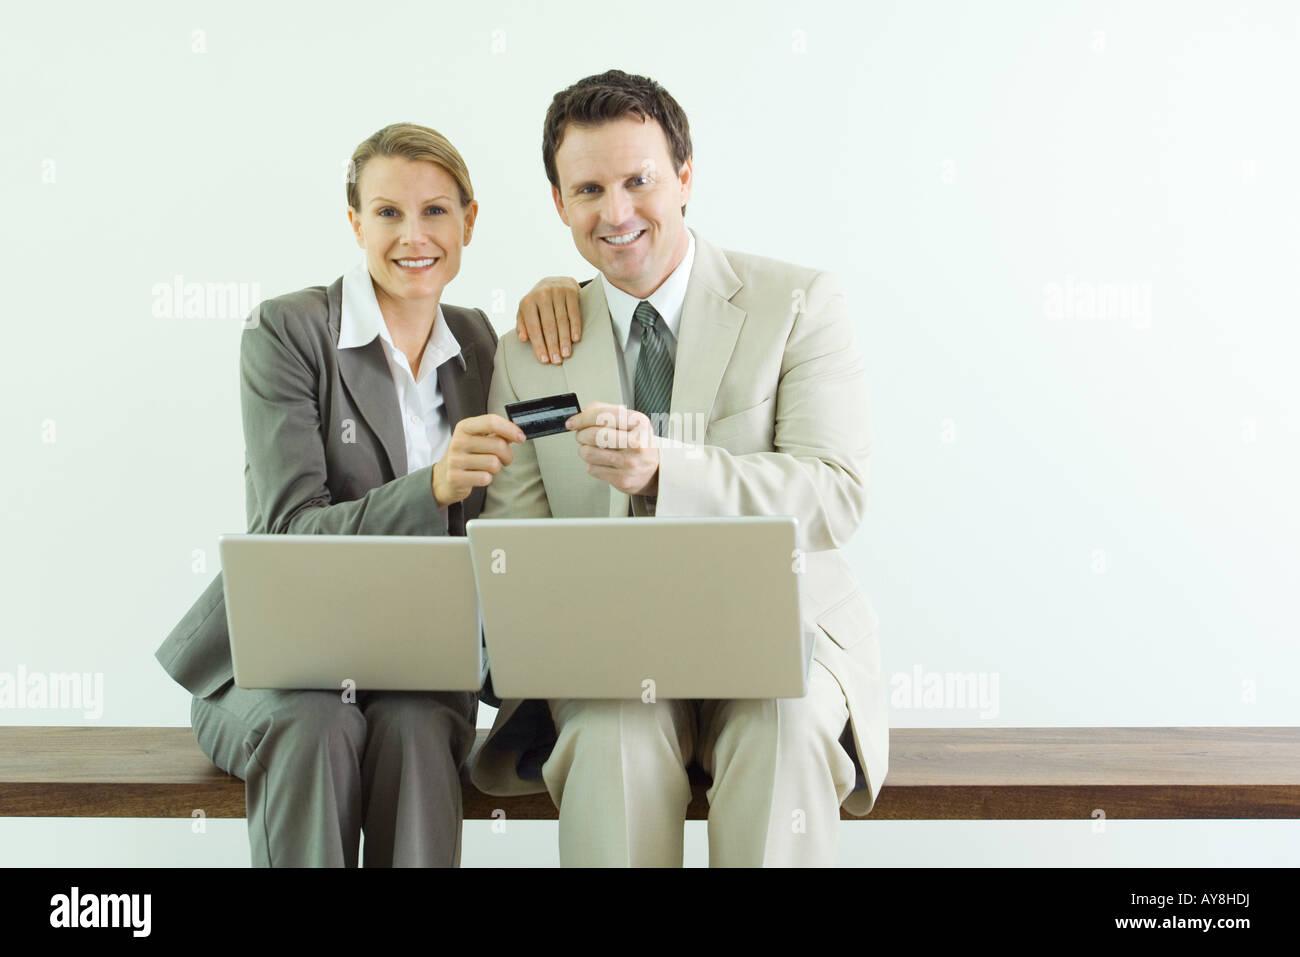 Homme et femme assise, holding credit card ensemble, les deux habillés en costumes d'ordinateurs portables Photo Stock